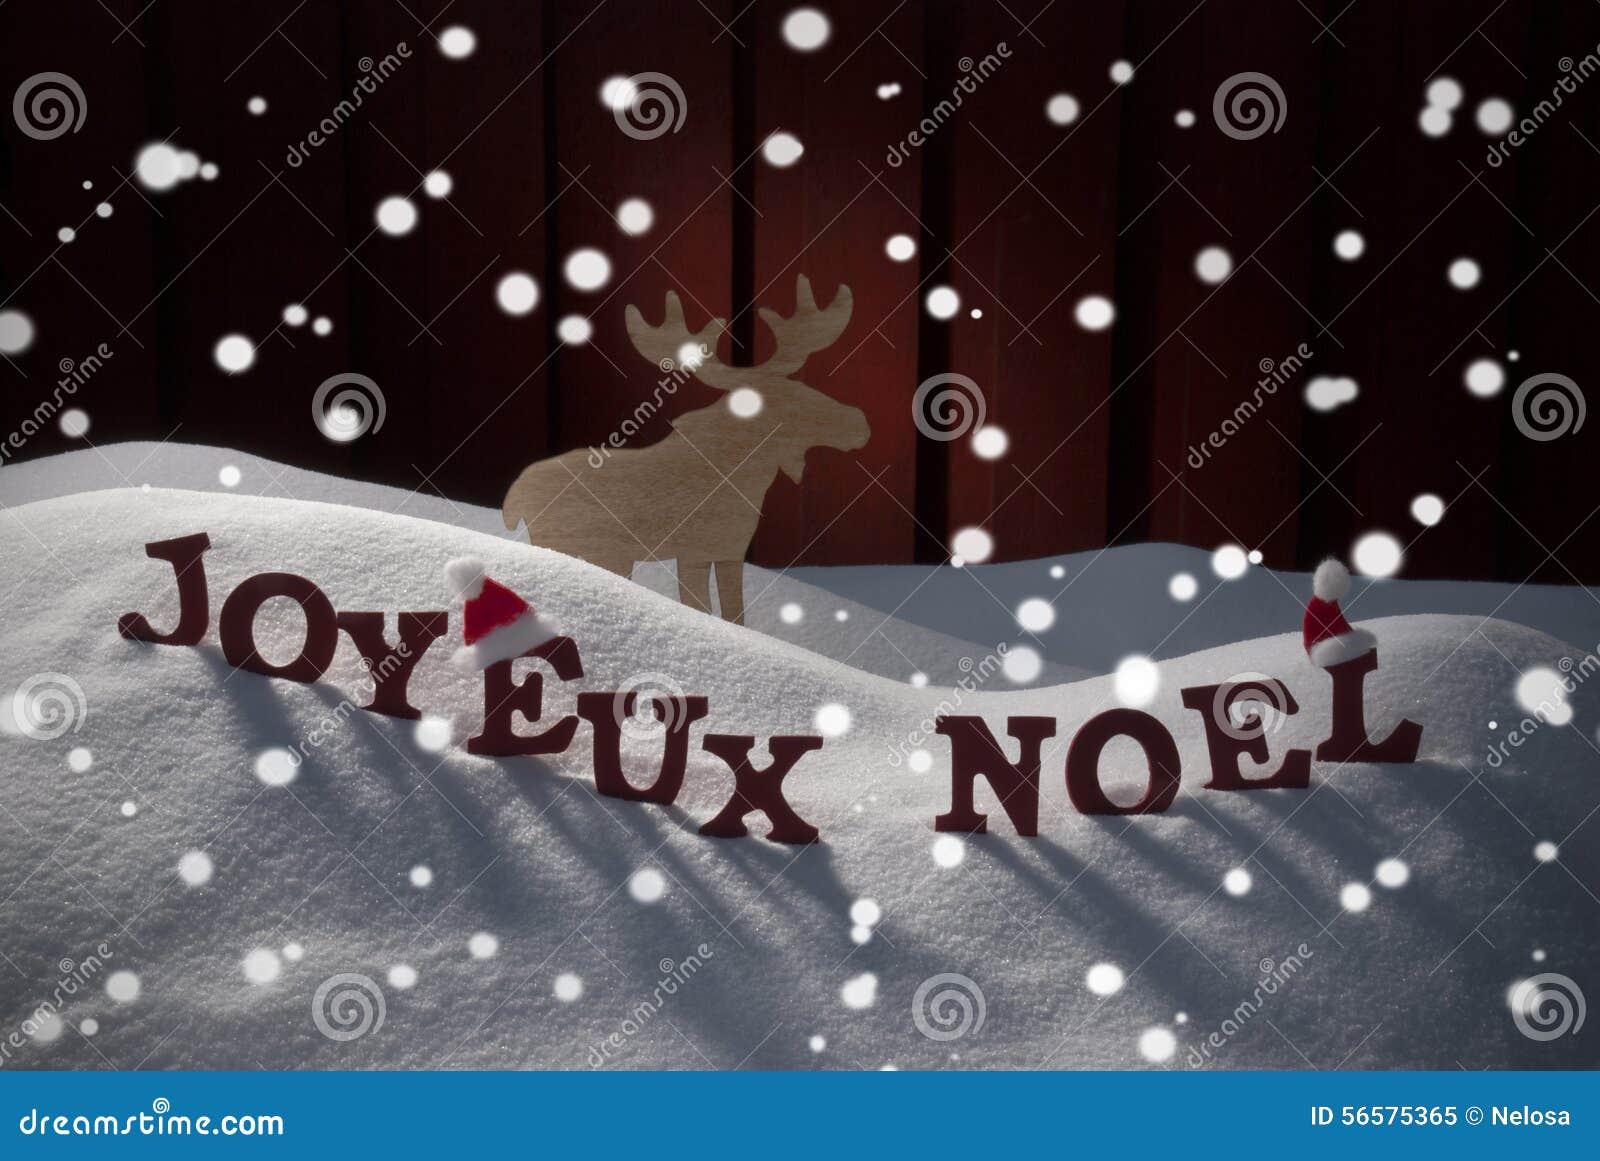 Elche Joyeux Noel Means Merry Christmas With Stockbild - Bild von ...